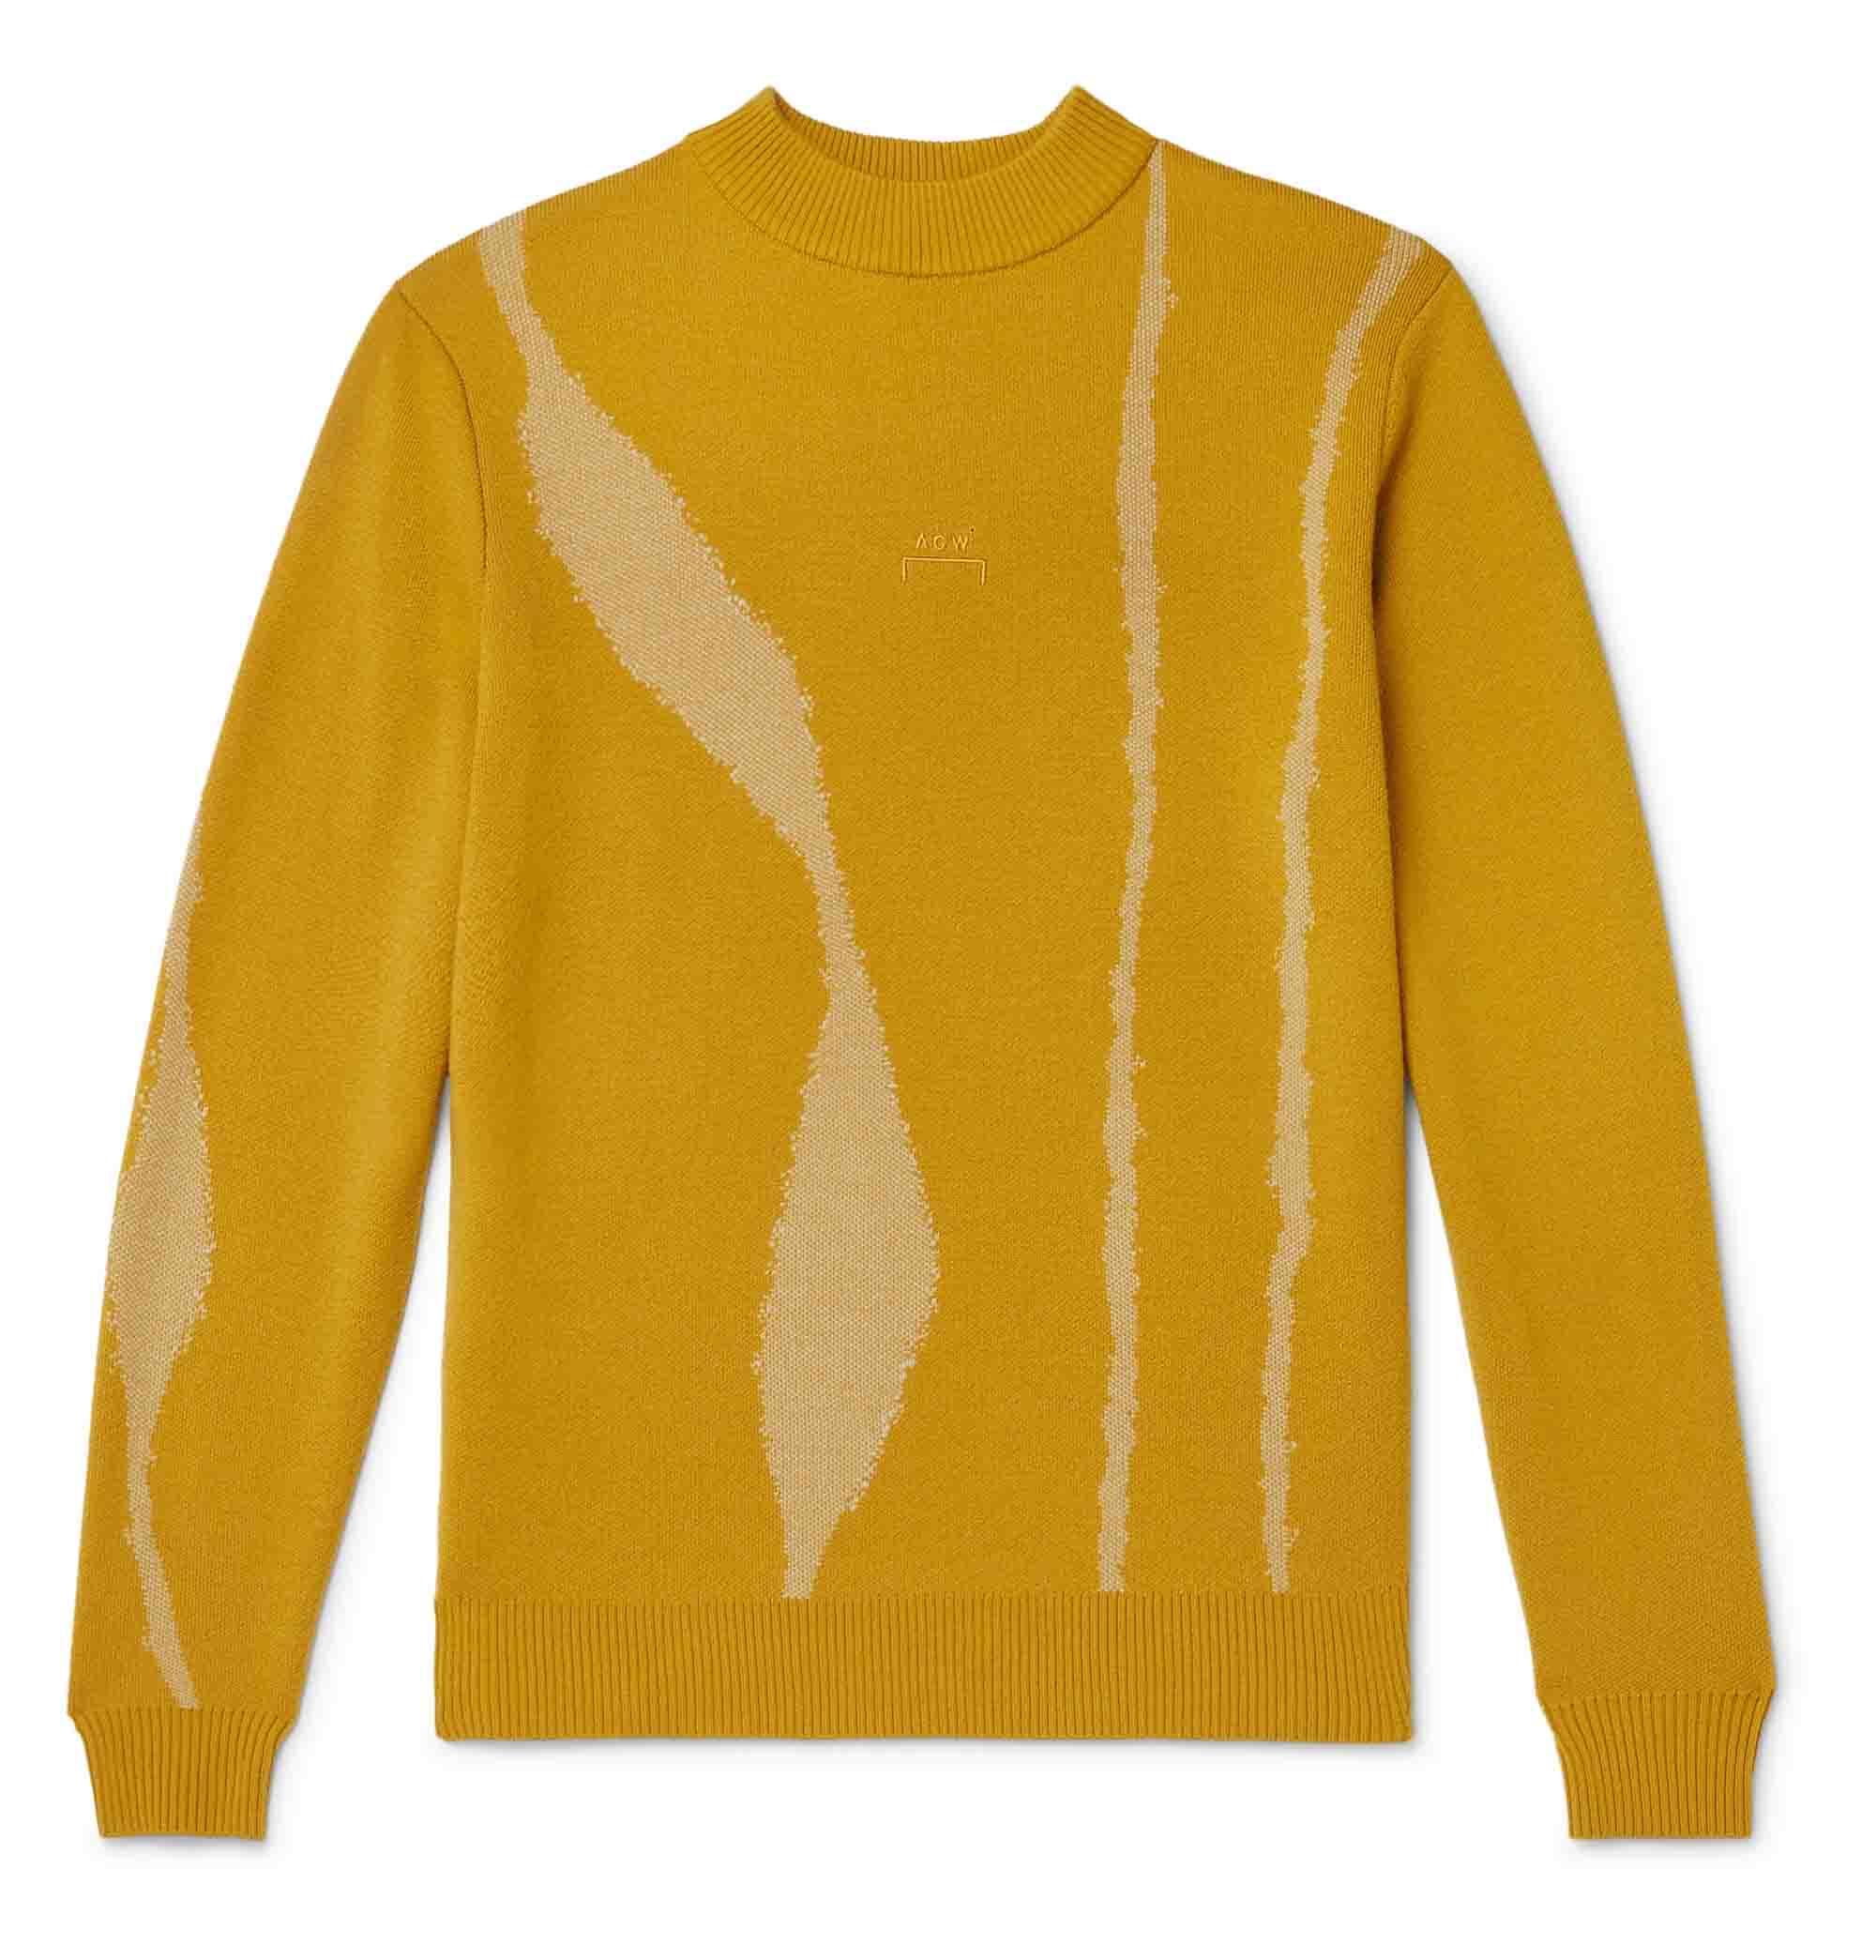 Pullover-Trends für Männer